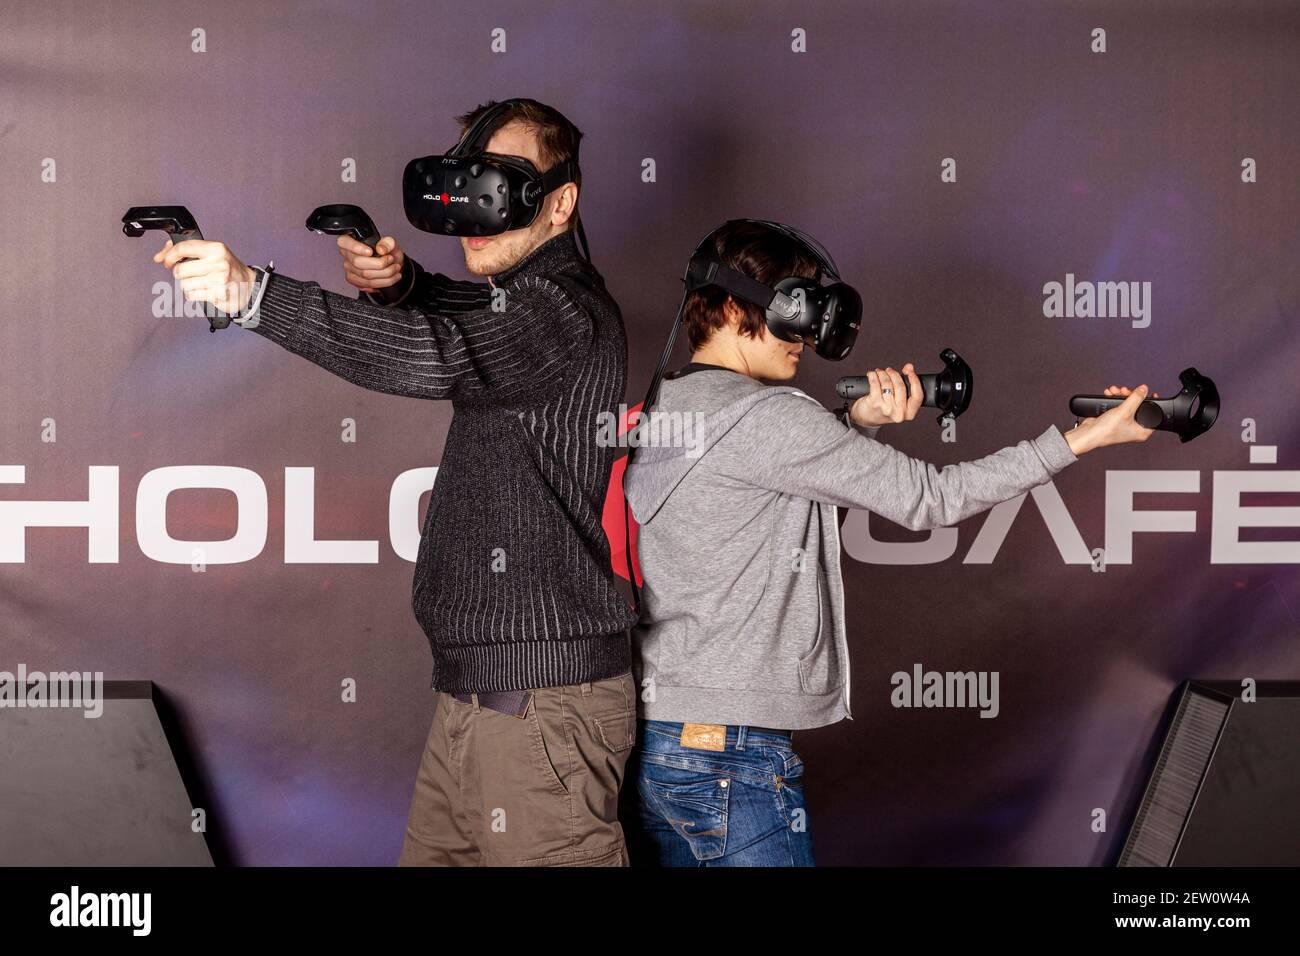 Eintauchen in die Welt der Virtual Reality, das Holocafe bietet ein Multiplayer Games für bis zu 4 Spieler, 3D-Erlebnis via Videobrille, Düsseldorf, N Stock Photo